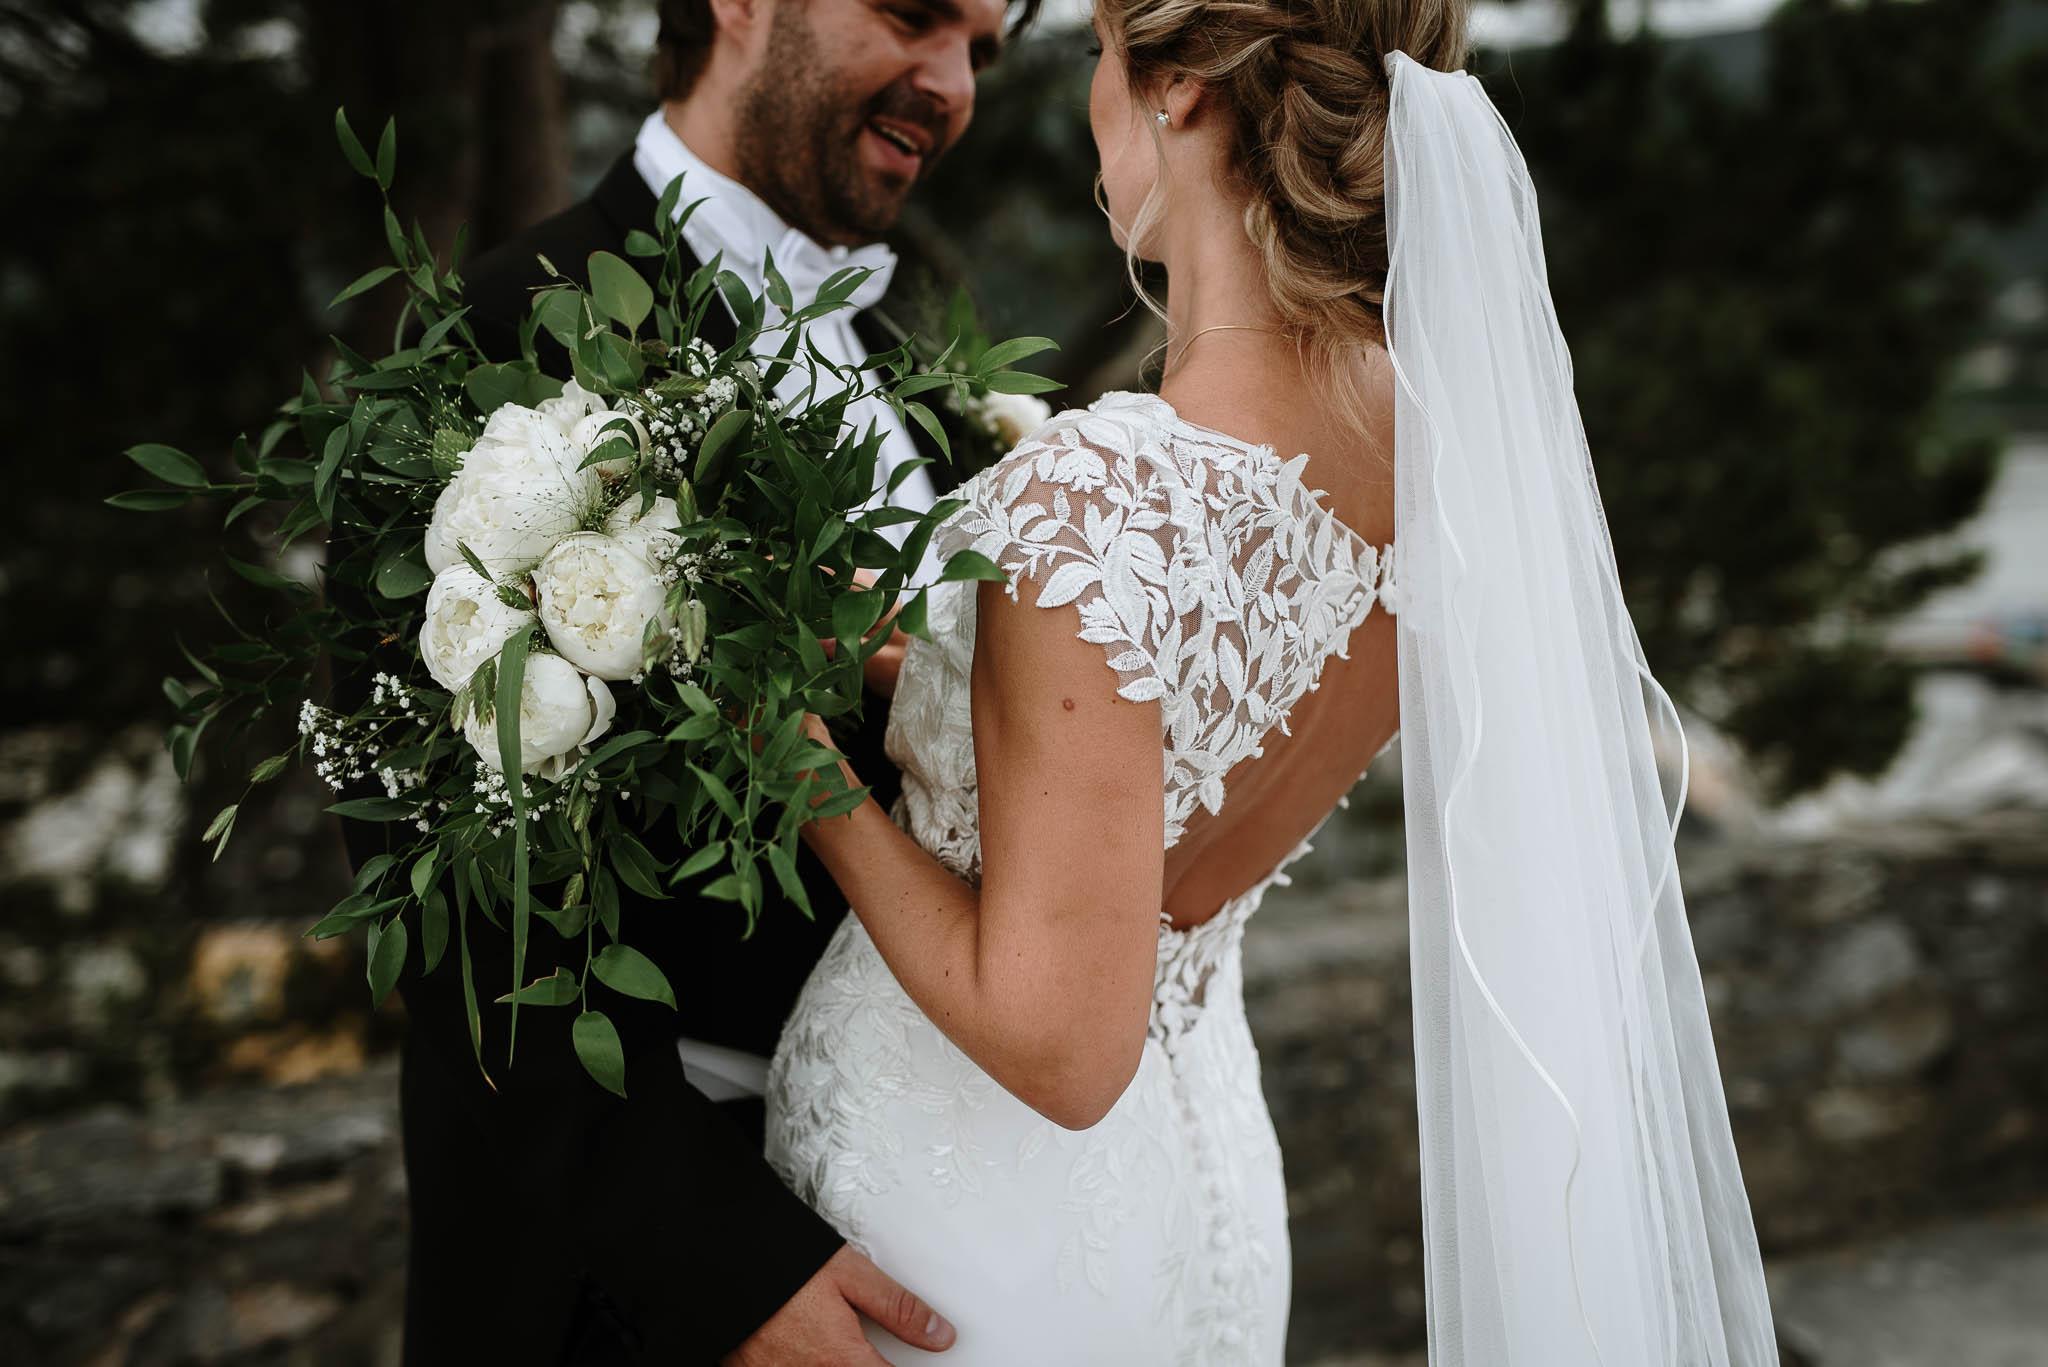 Bryllupsfotograf i Drammen - bryllup i Ålesund - Øygardshallen bryllup-24.jpg